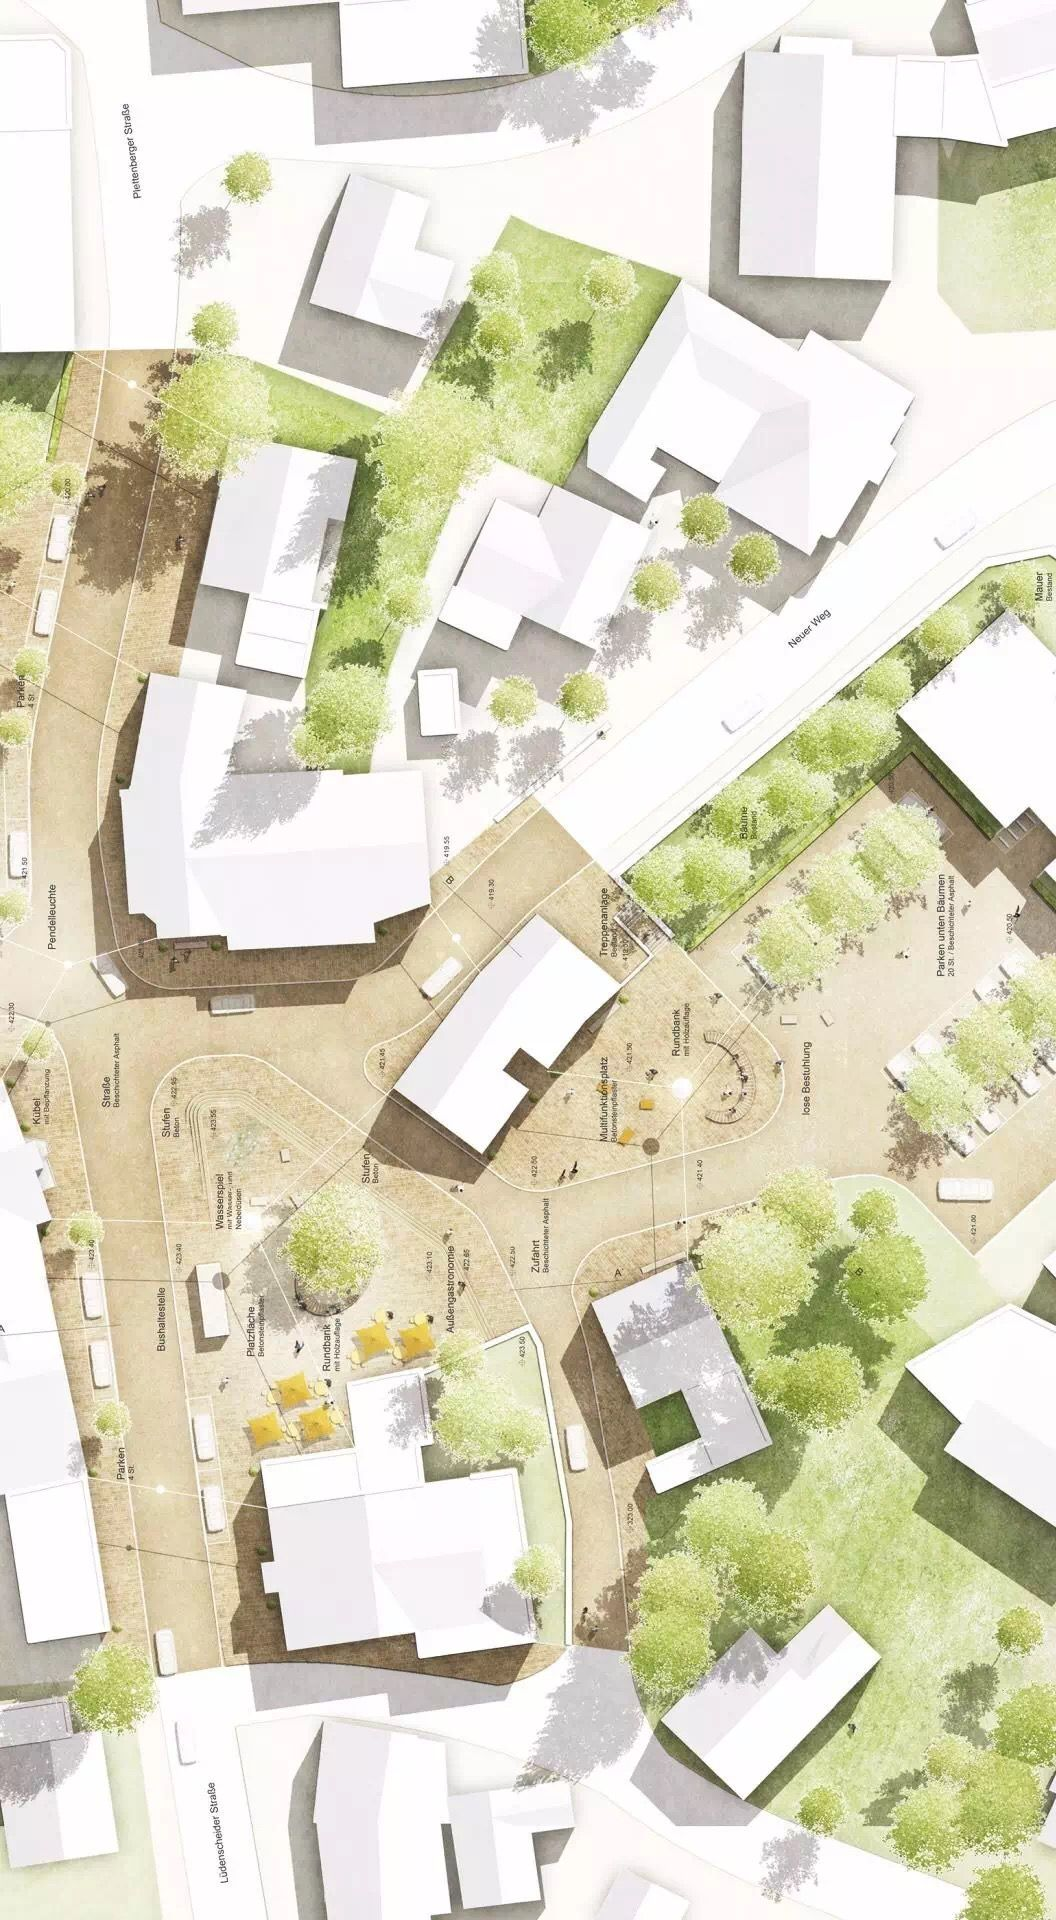 Siteplan arch siteplans pinterest st dtebau - Architektur plan ...